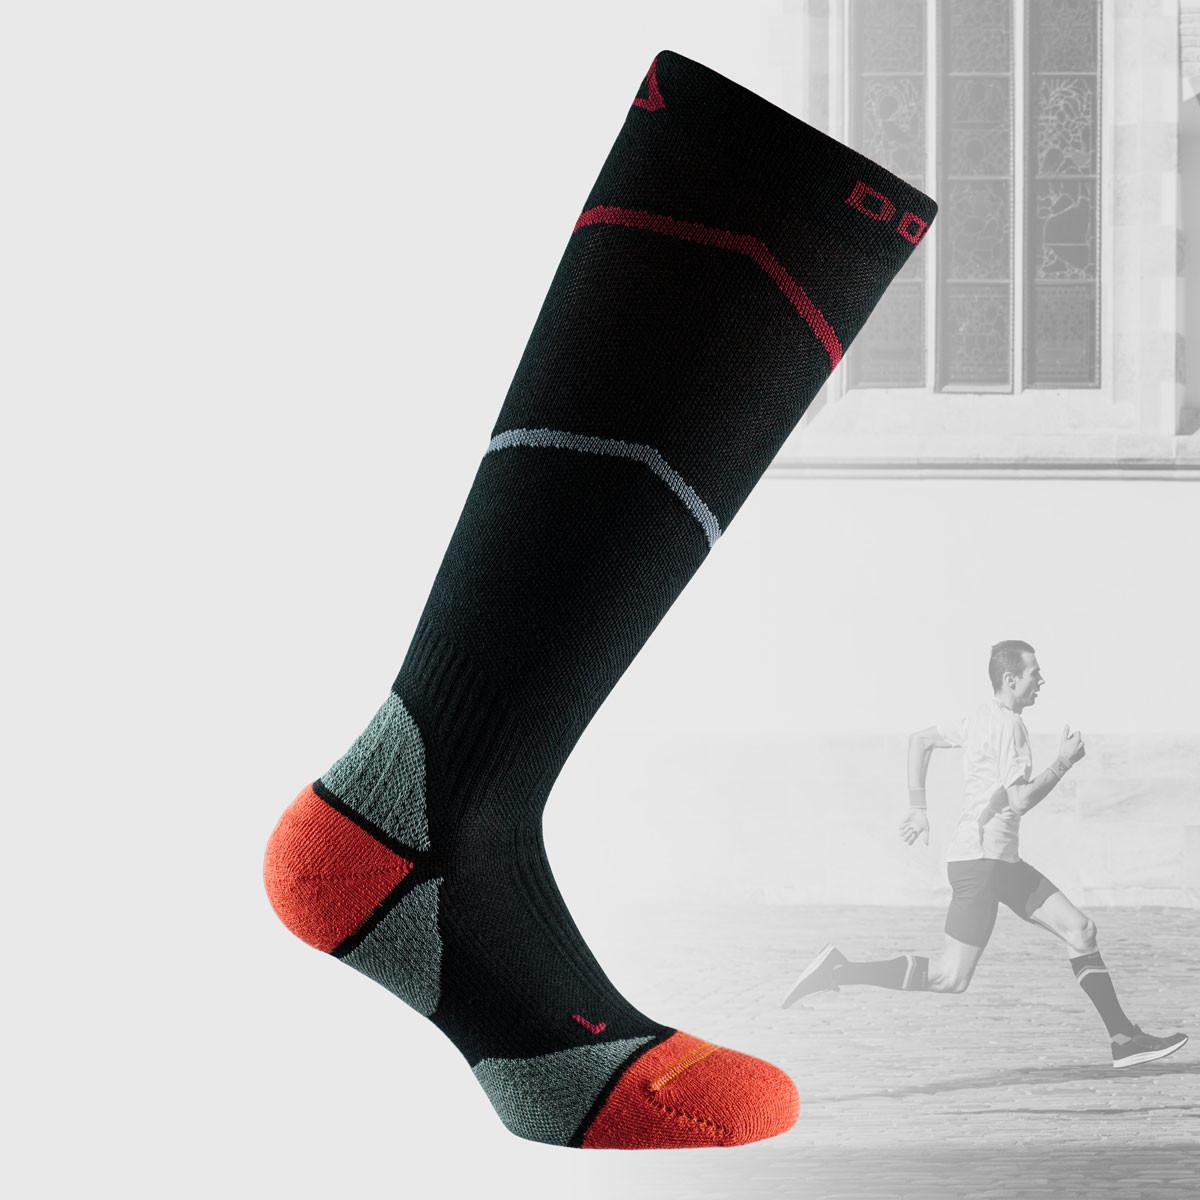 black compression socks with grey and orange details